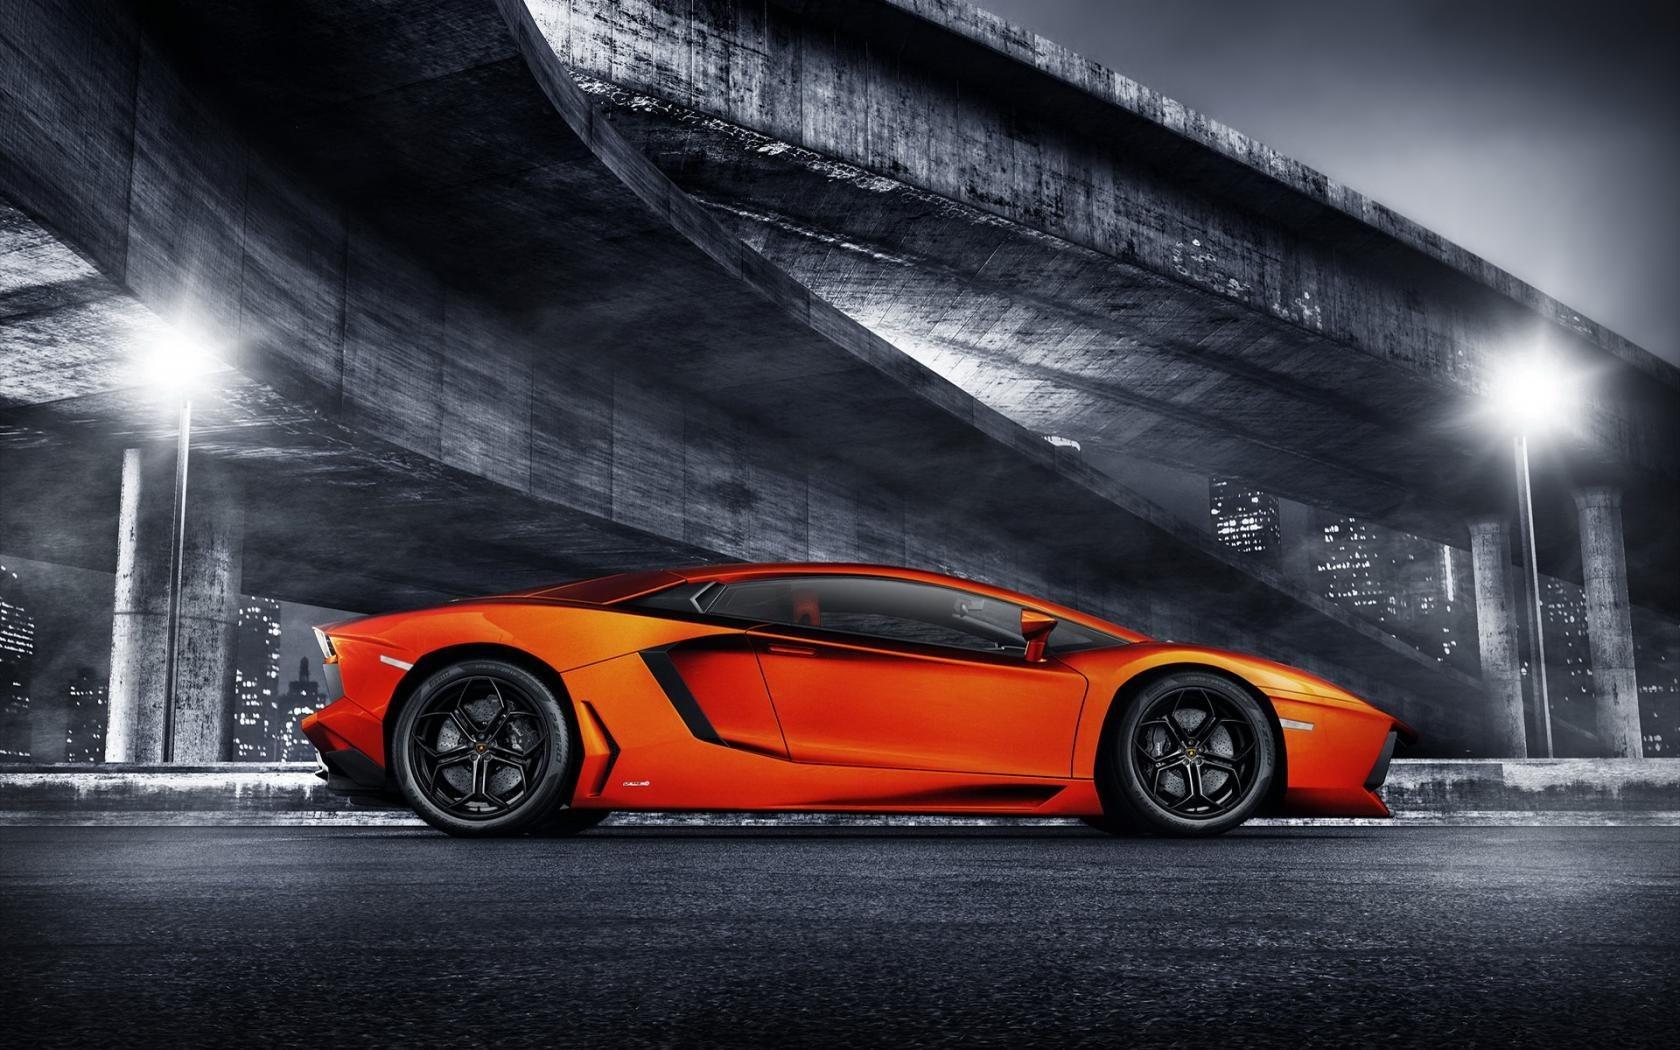 Orange Lamborghini Aventador LP700-4 Bridge Lights